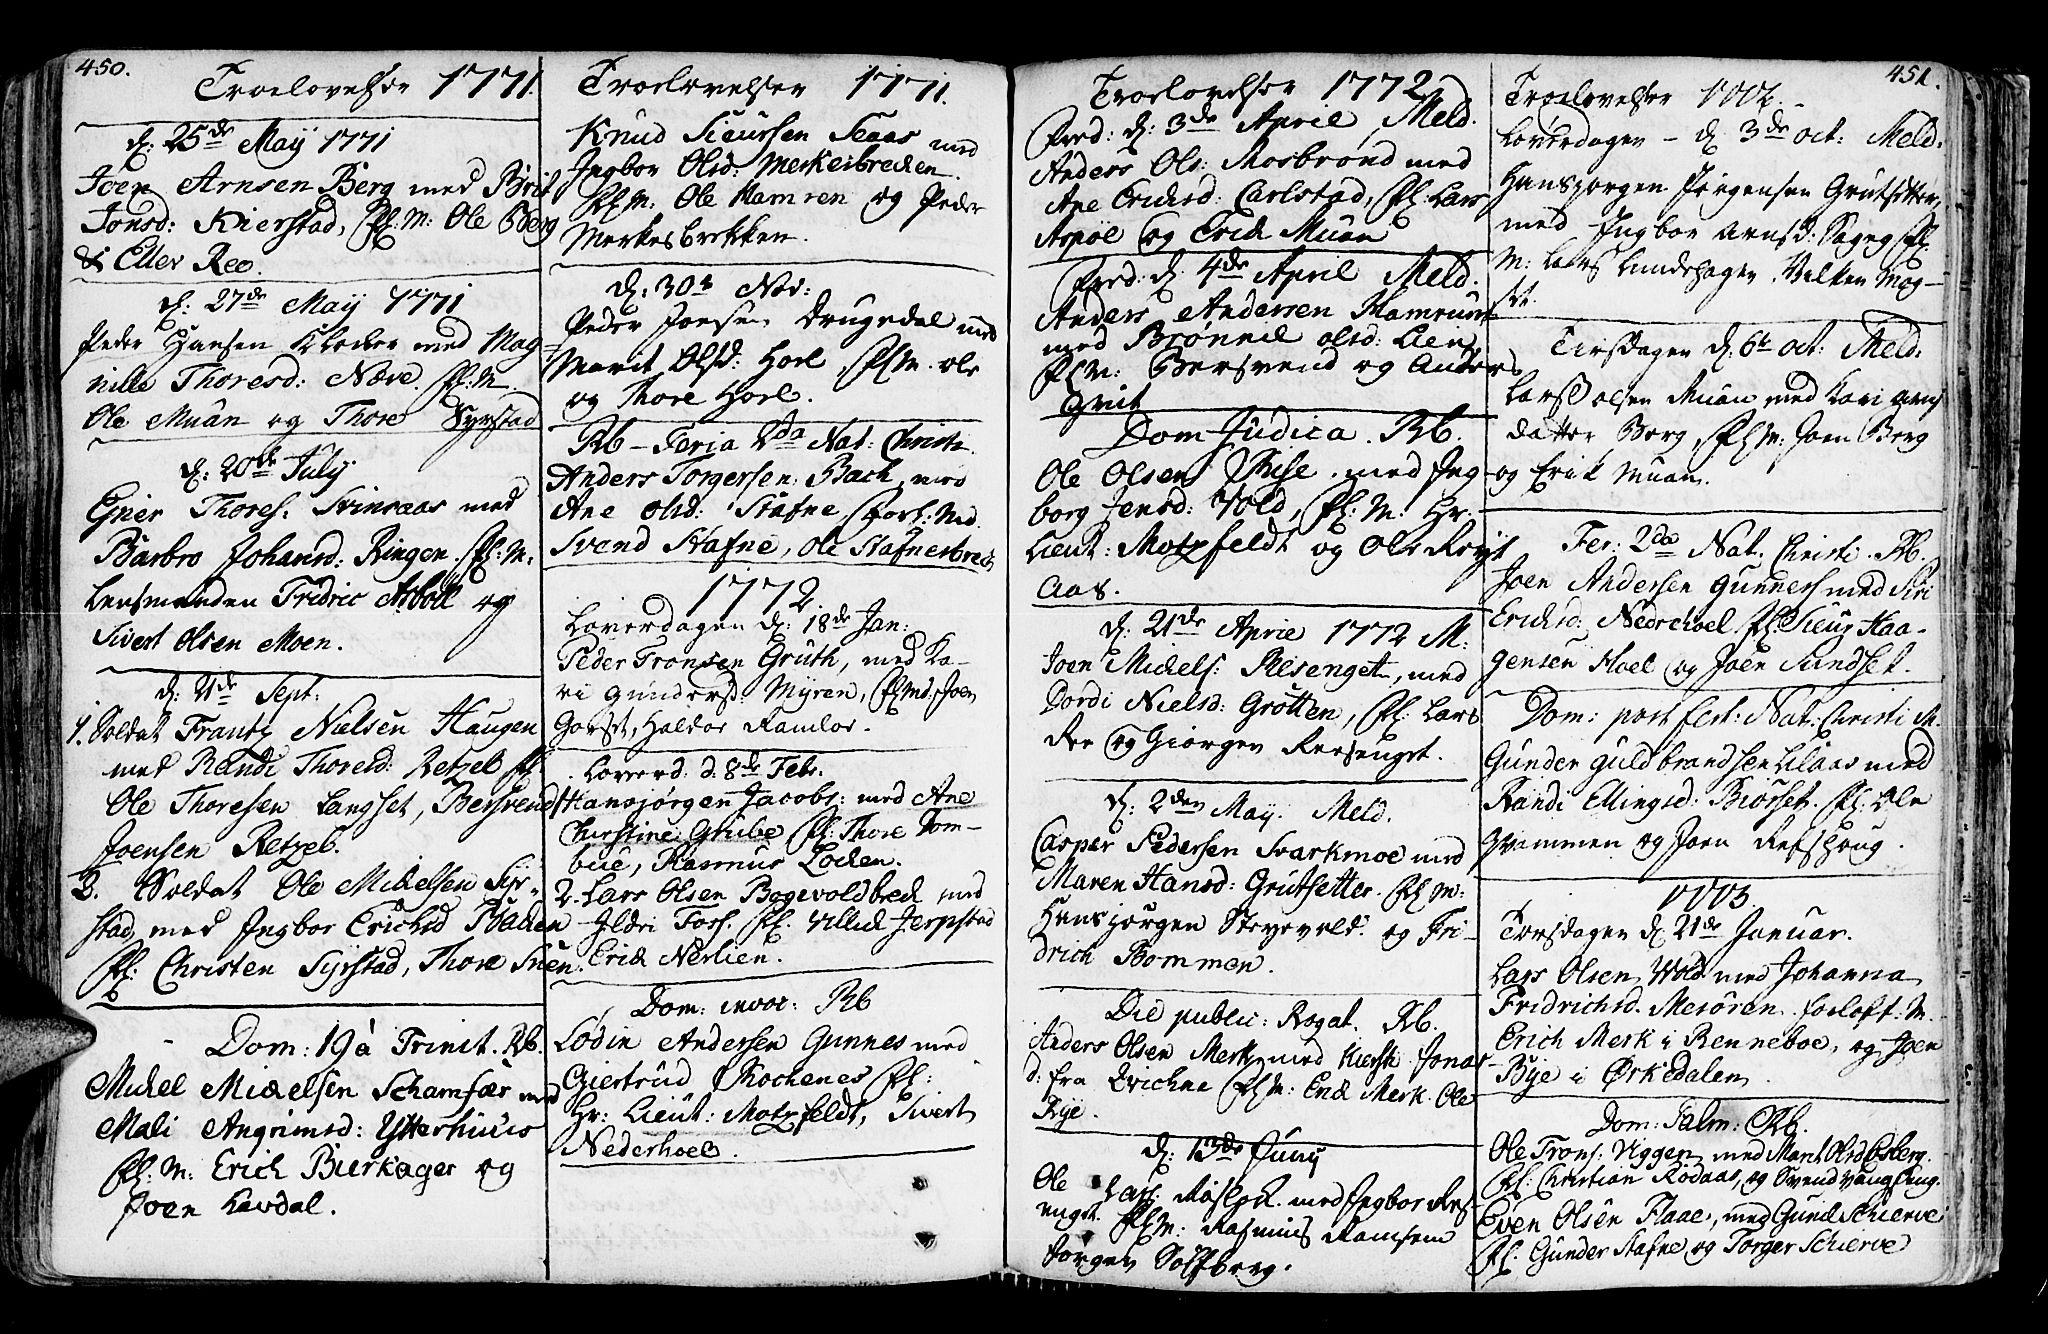 SAT, Ministerialprotokoller, klokkerbøker og fødselsregistre - Sør-Trøndelag, 672/L0851: Ministerialbok nr. 672A04, 1751-1775, s. 450-451